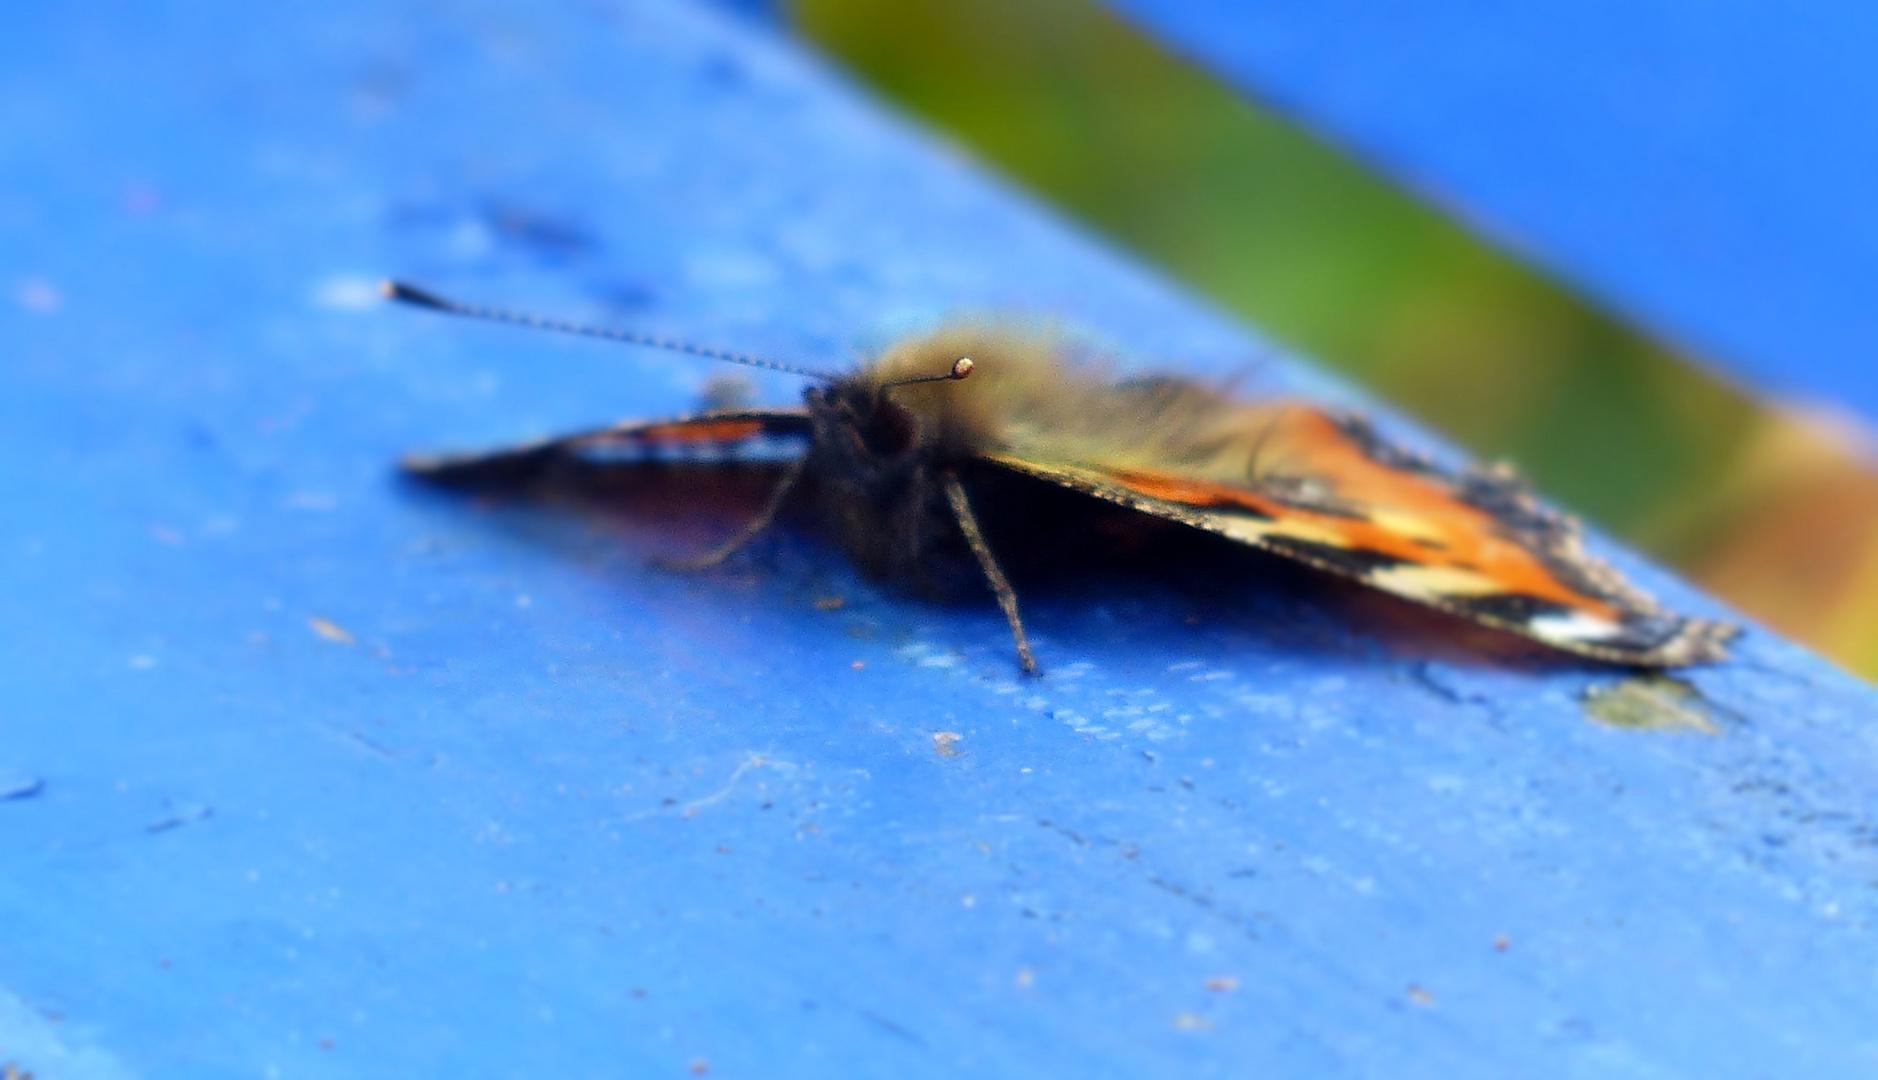 ... butterfly